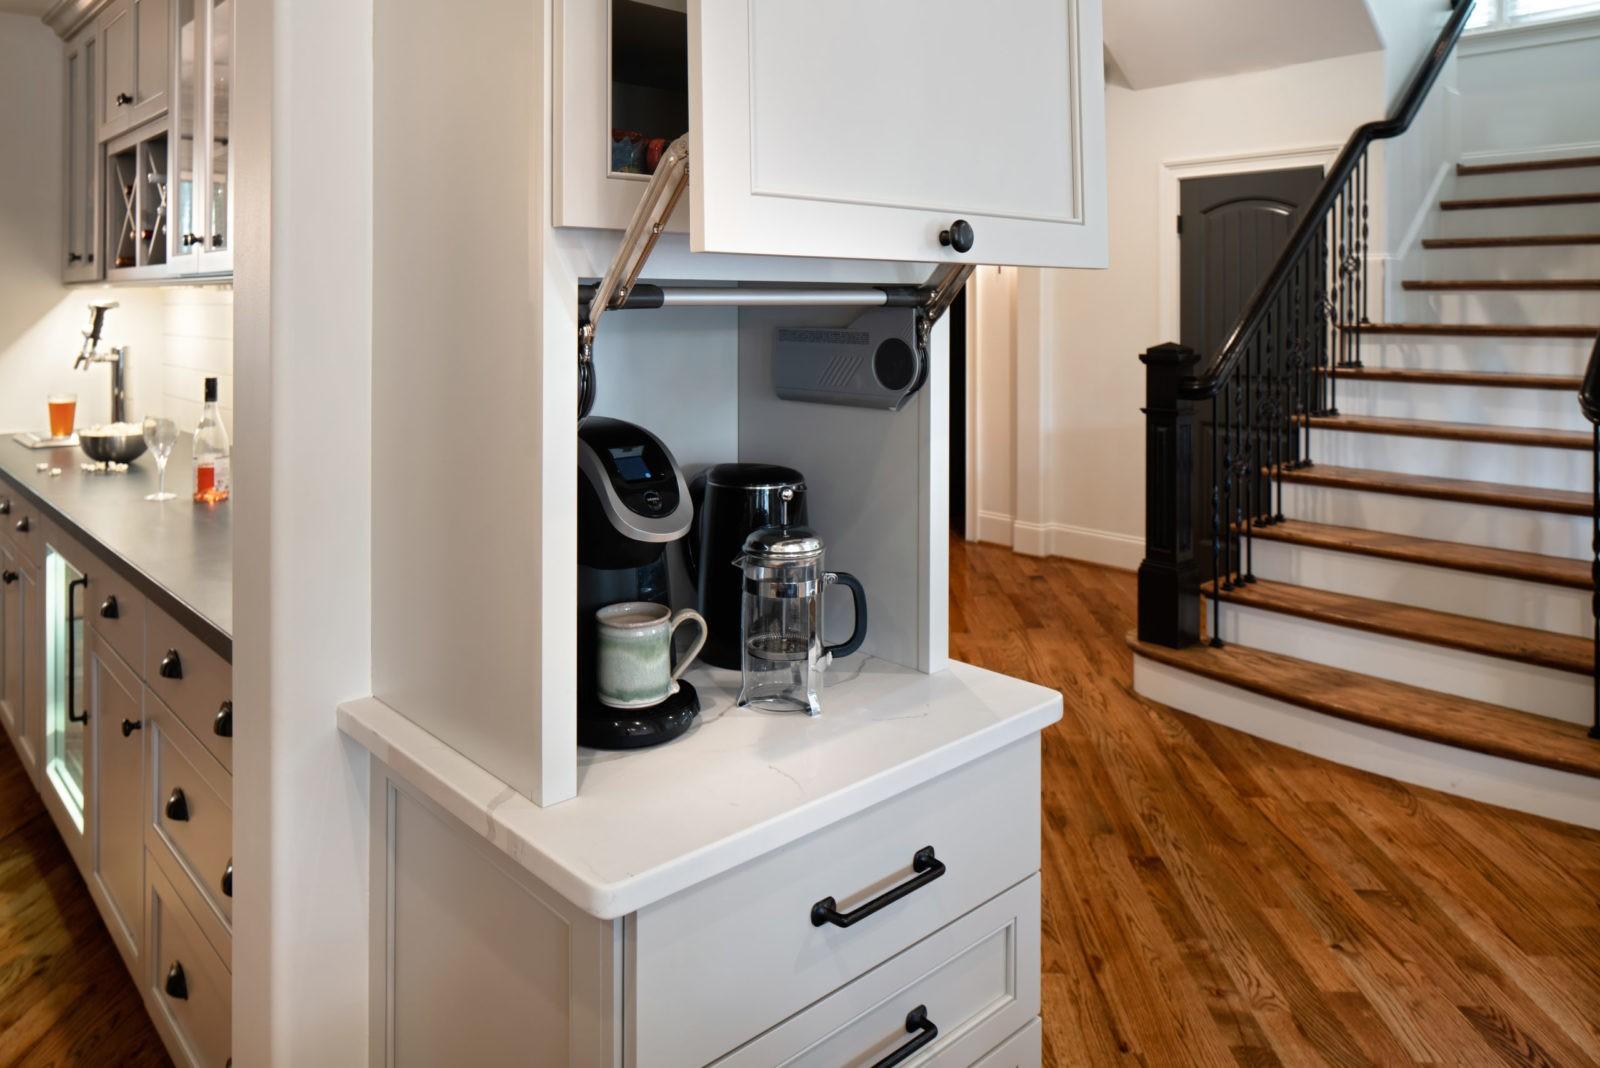 farmhouse-style-kitchen-hidden-coffee-staion-in-kitchen